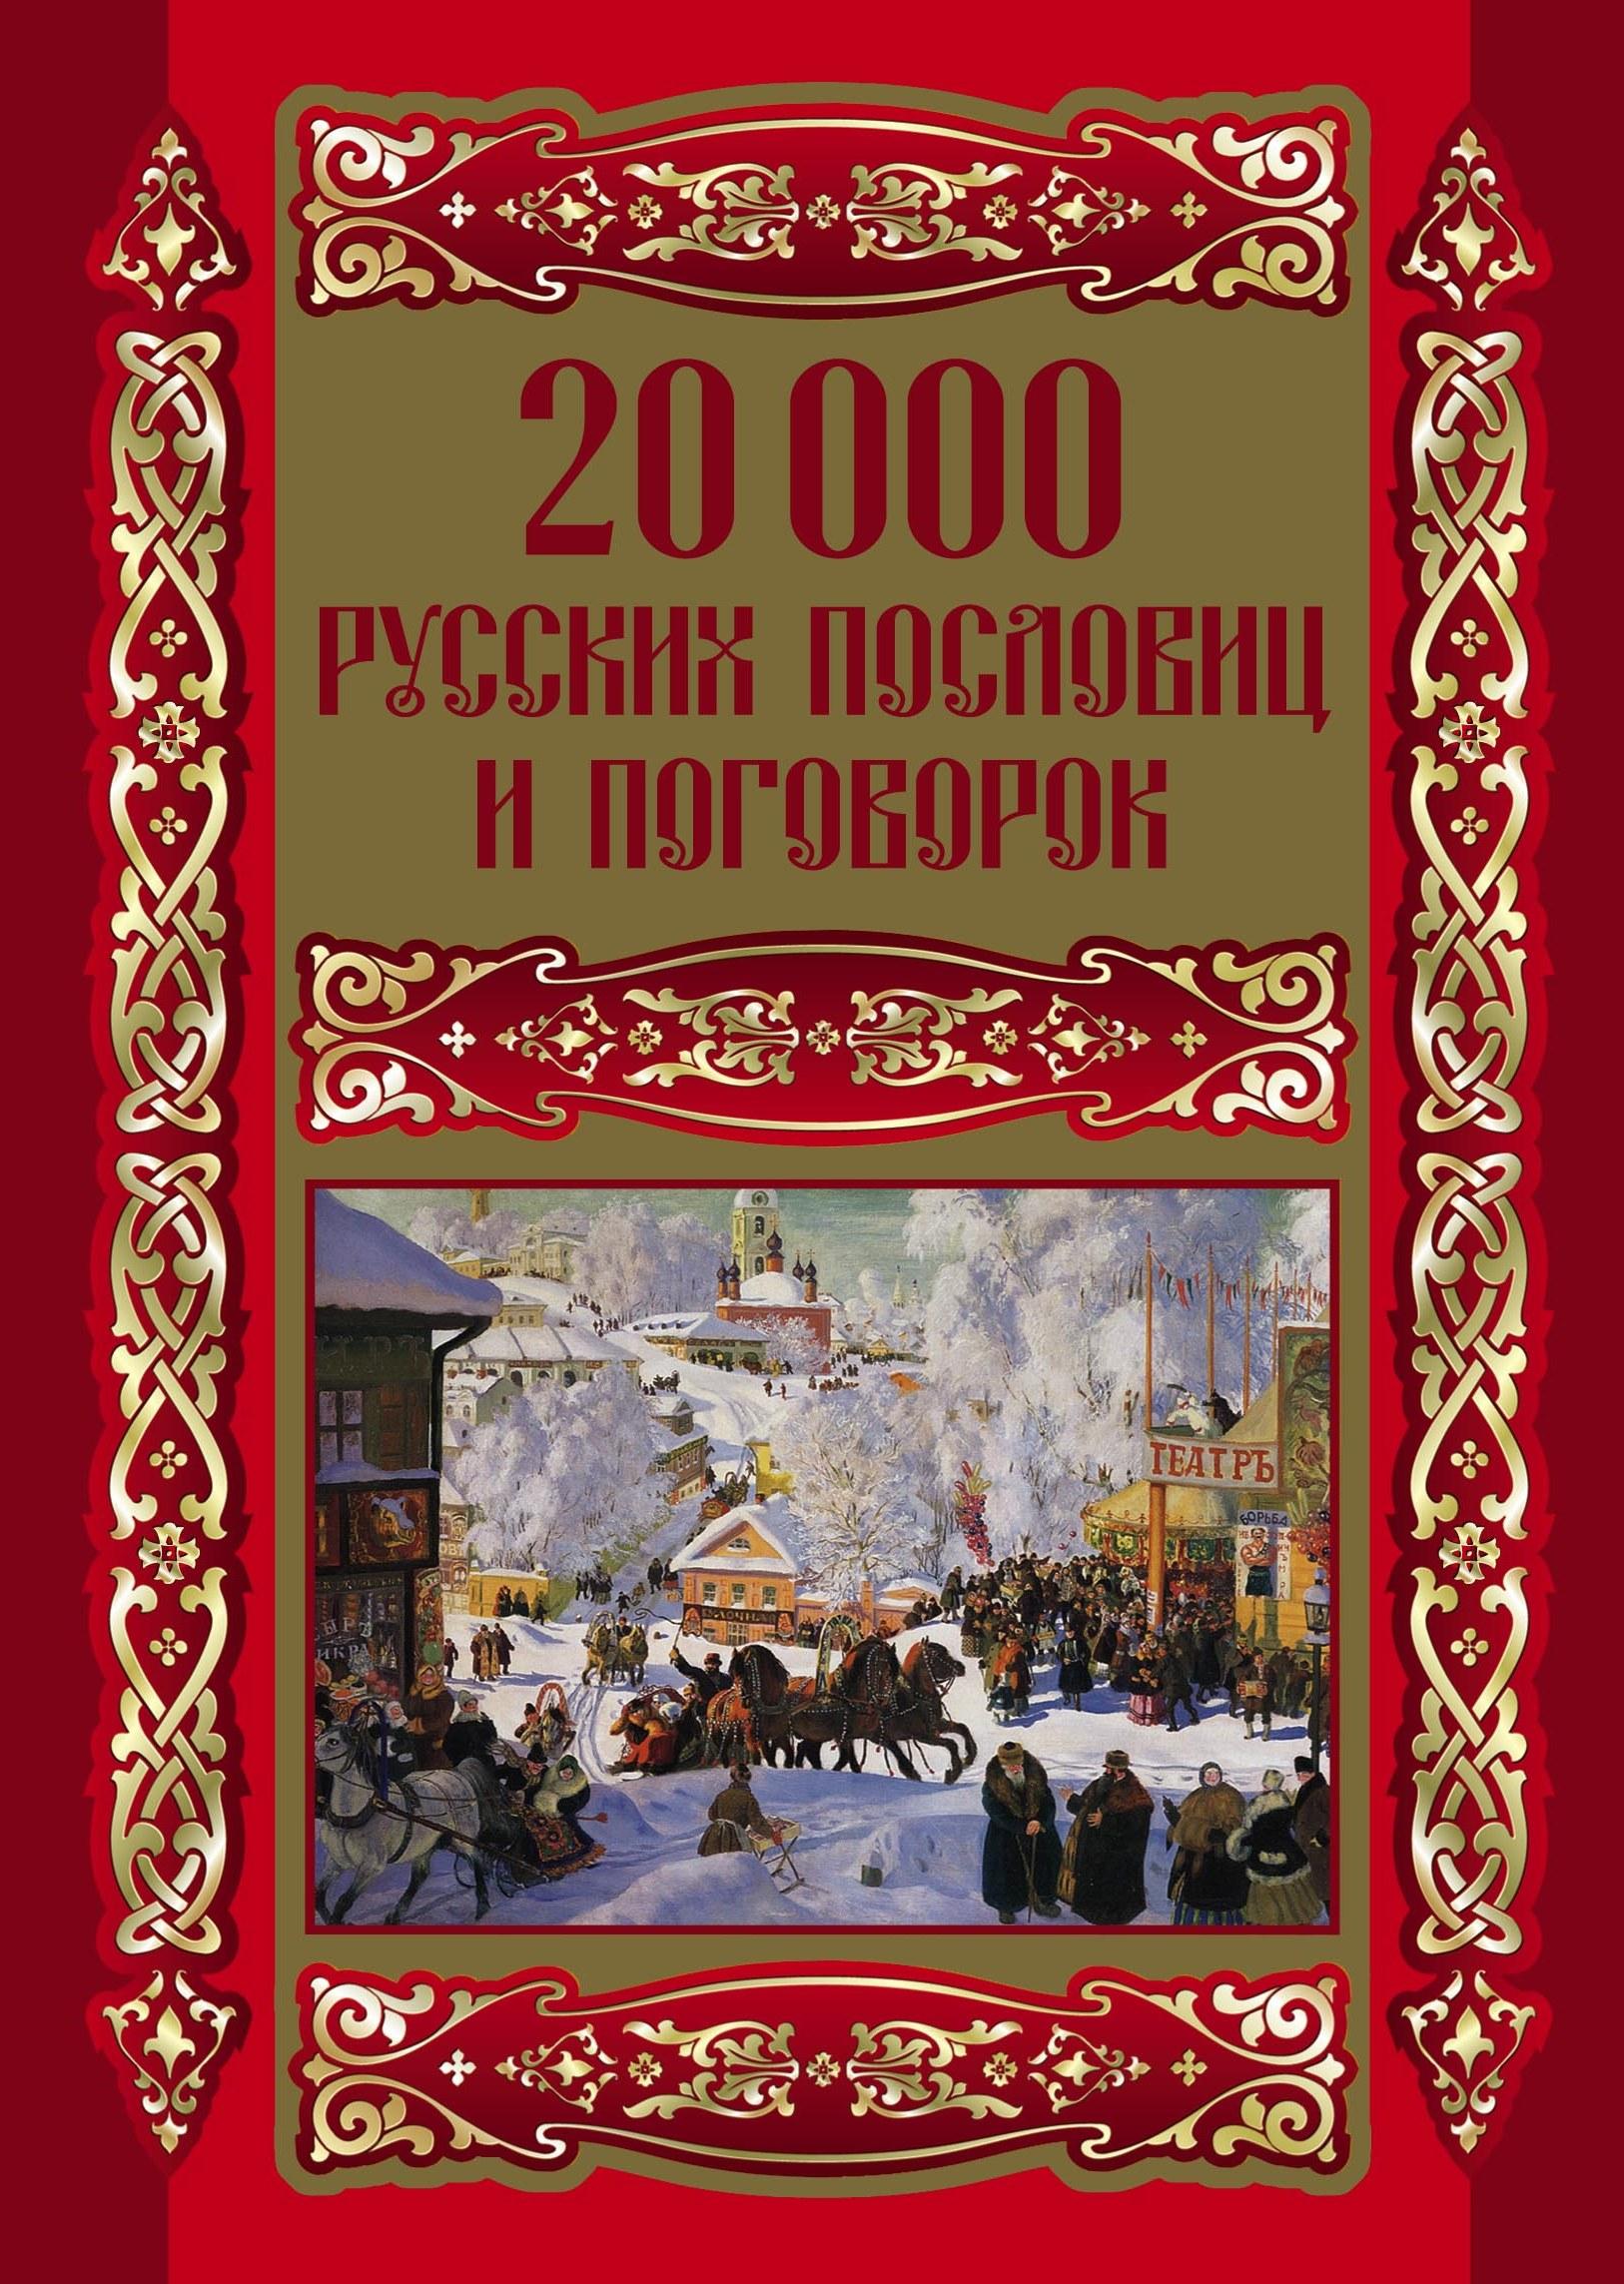 Отсутствует 20000 русских пословиц и поговорок аст пресс словарь тезаурус русских пословиц поговорок и метких выражений